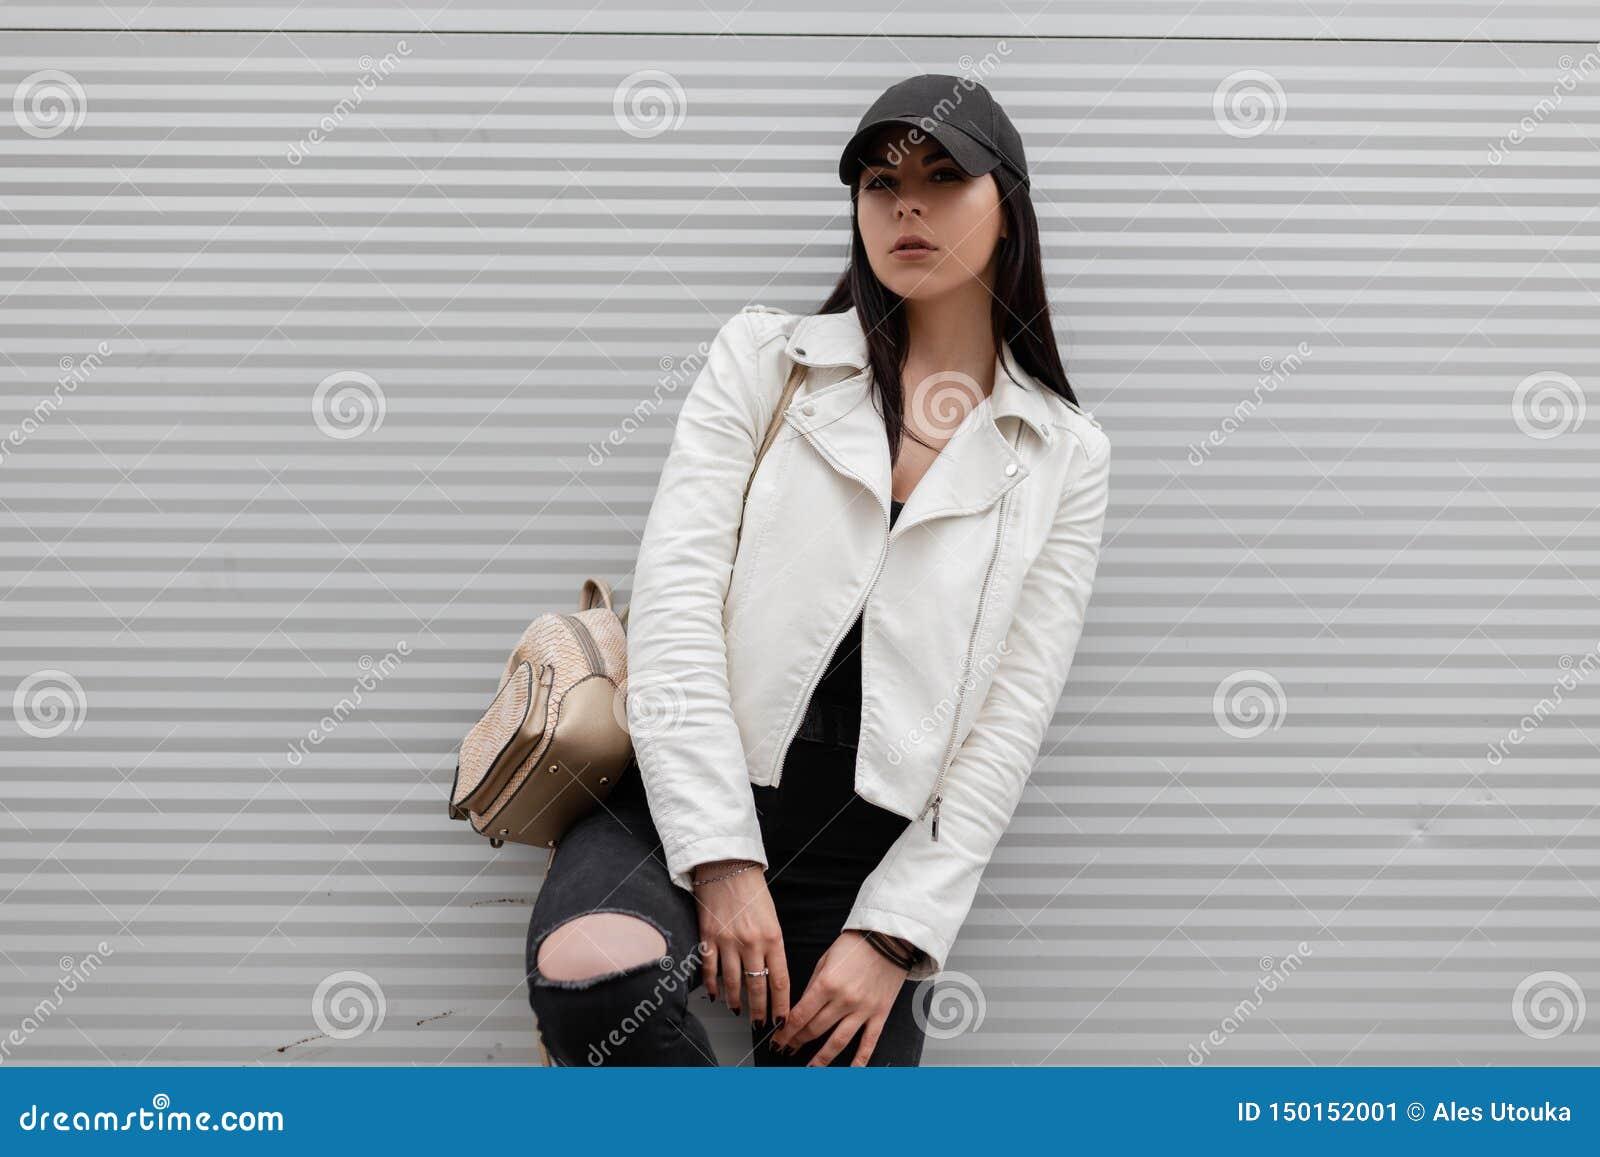 Молодая городская женщина в ультрамодной белой кожаной куртке в винтажных сорванных джинсах в стильной черной бейсбольной кепке